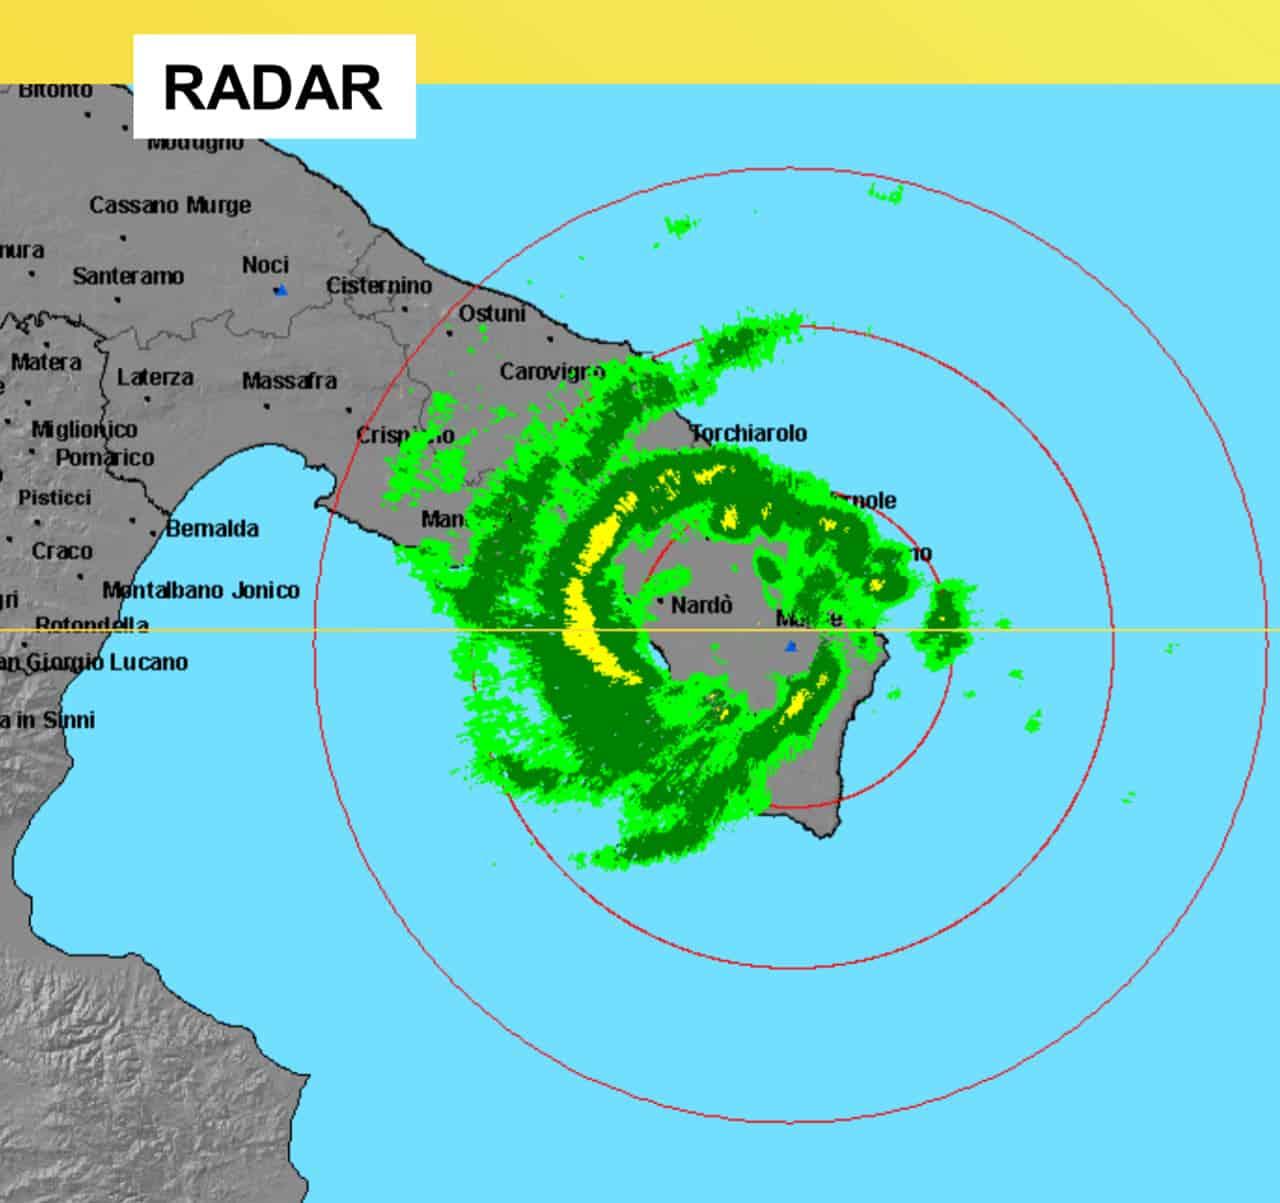 medicane del 2006 in puglia - Meteo Mediterraneo, insistente rischio piccoli e cattivi Uragani